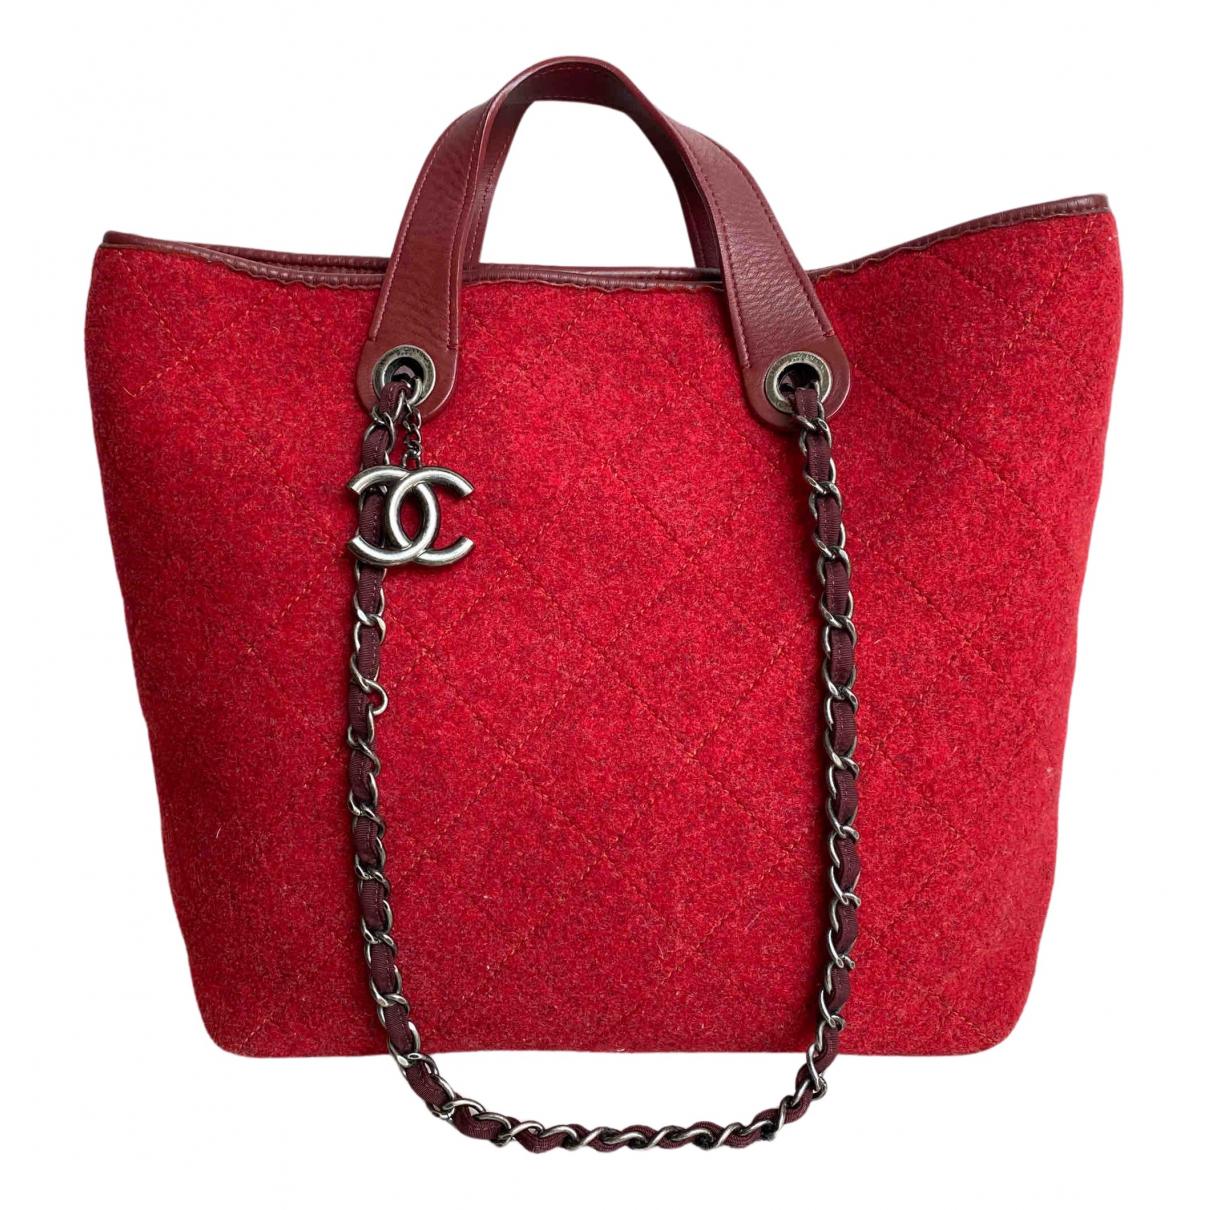 Chanel - Sac a main   pour femme en laine - rouge